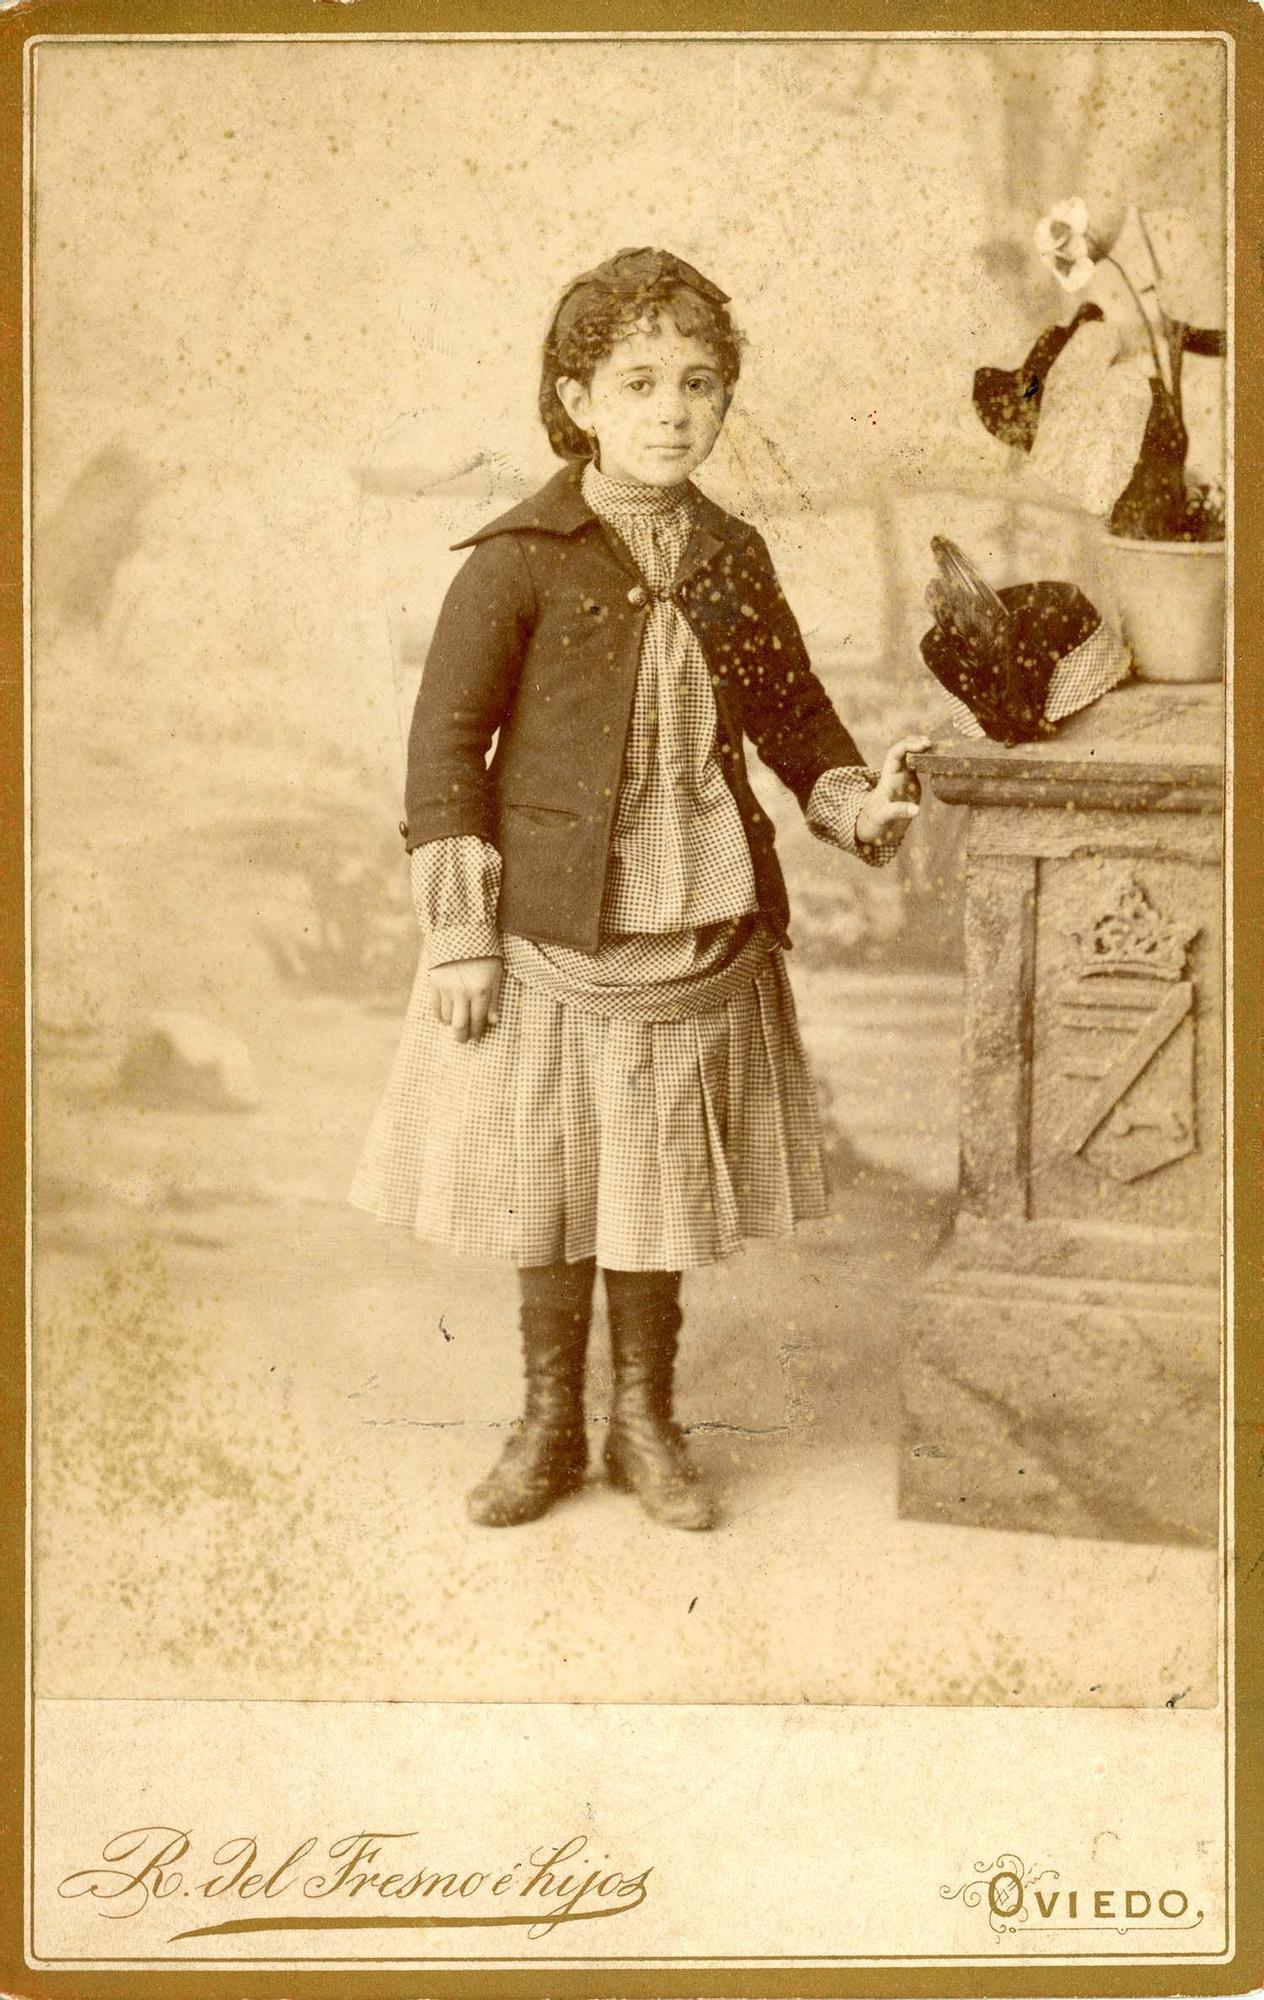 Ramón del Fresno e hijos (Oviedo). Retrato de estudio de una nila, h. 1880 | Donación Jesús Laureano García